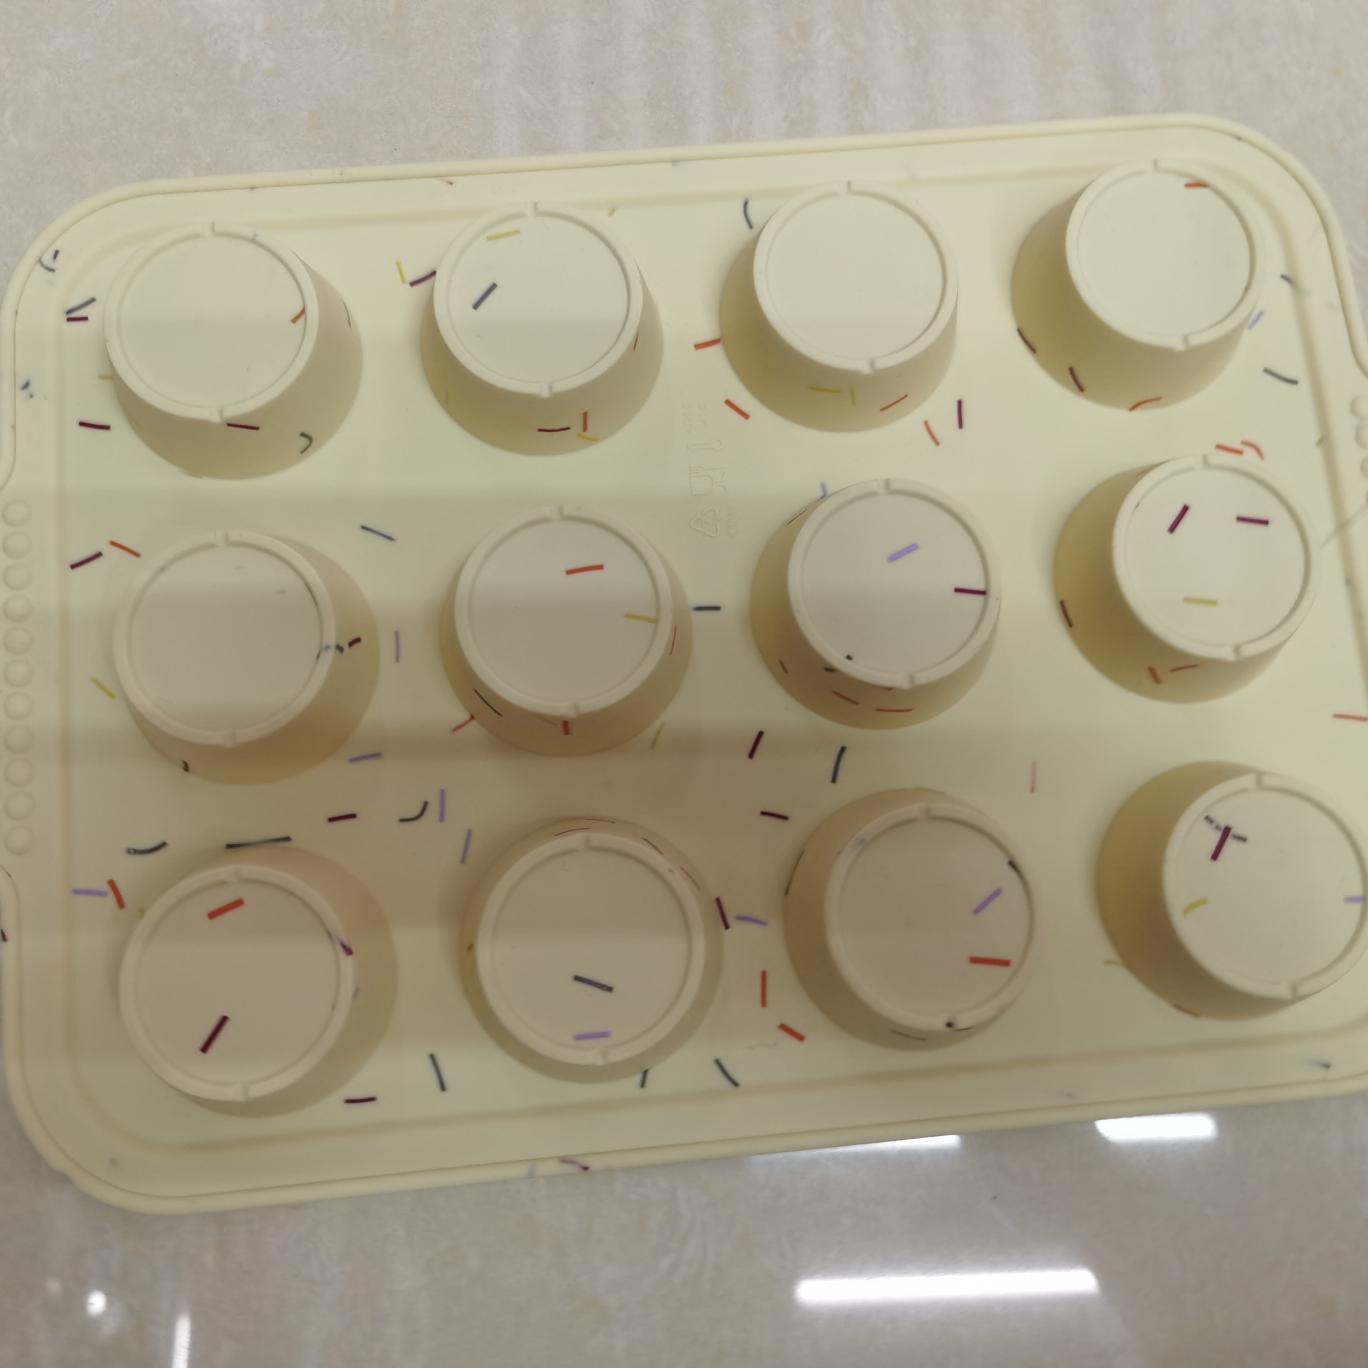 蛋糕模慕斯蛋糕硅胶模具立体球形法式甜点烘焙模具